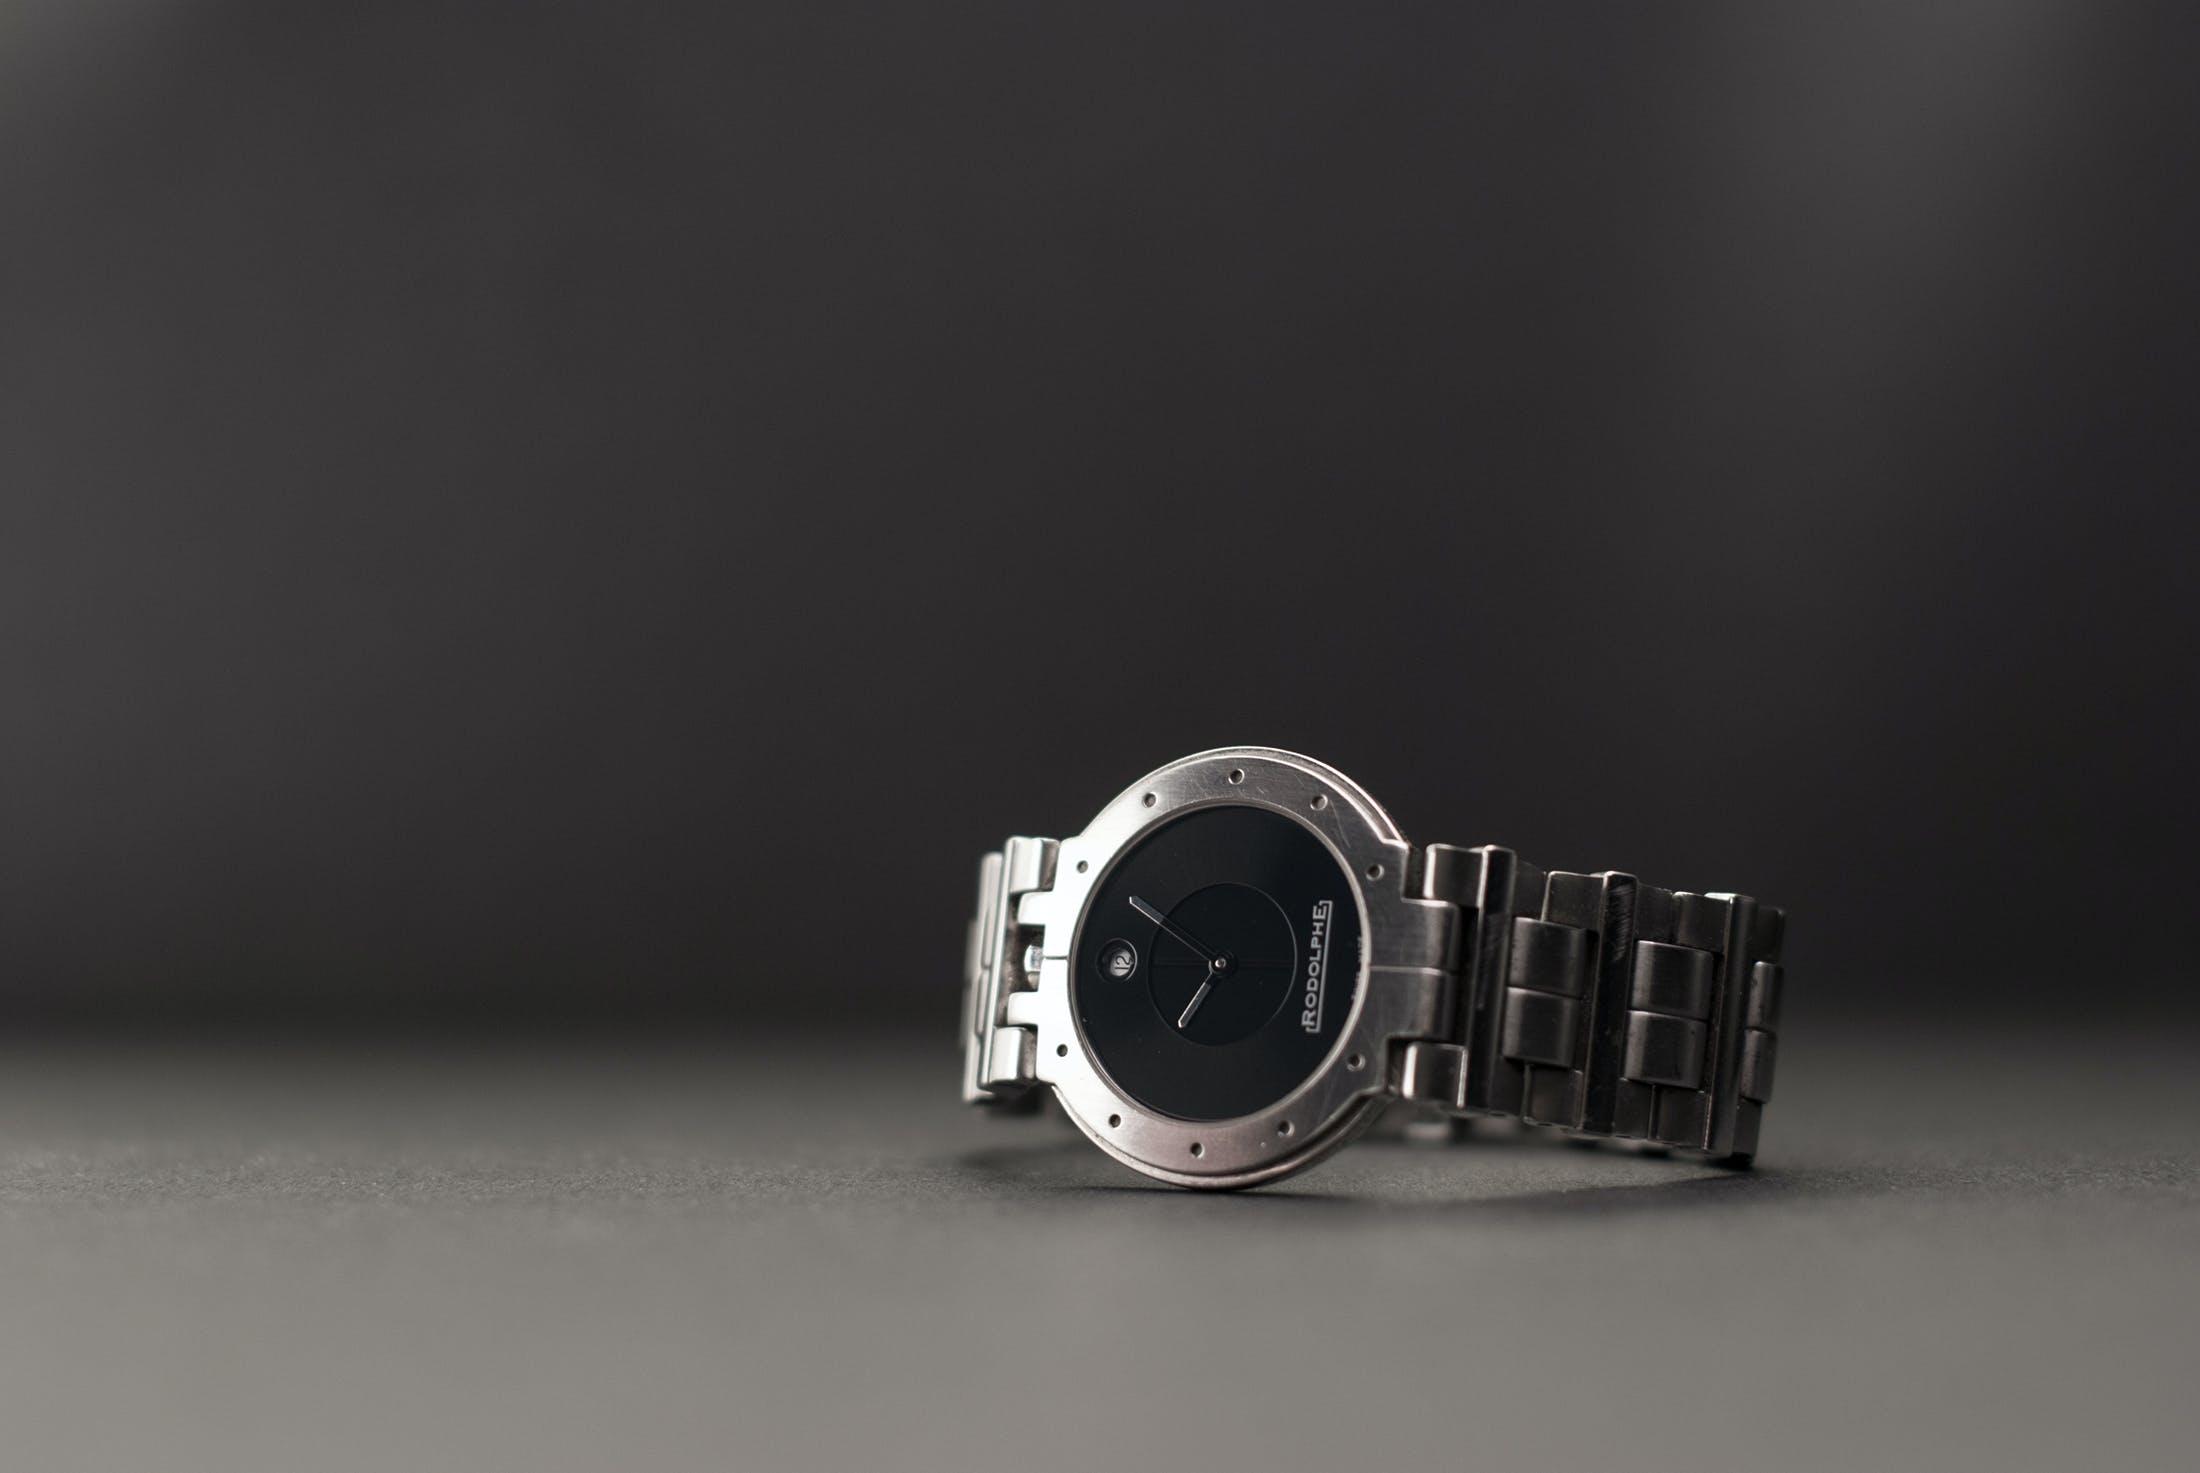 Gratis arkivbilde med armbåndsur, designer, metall, minutter